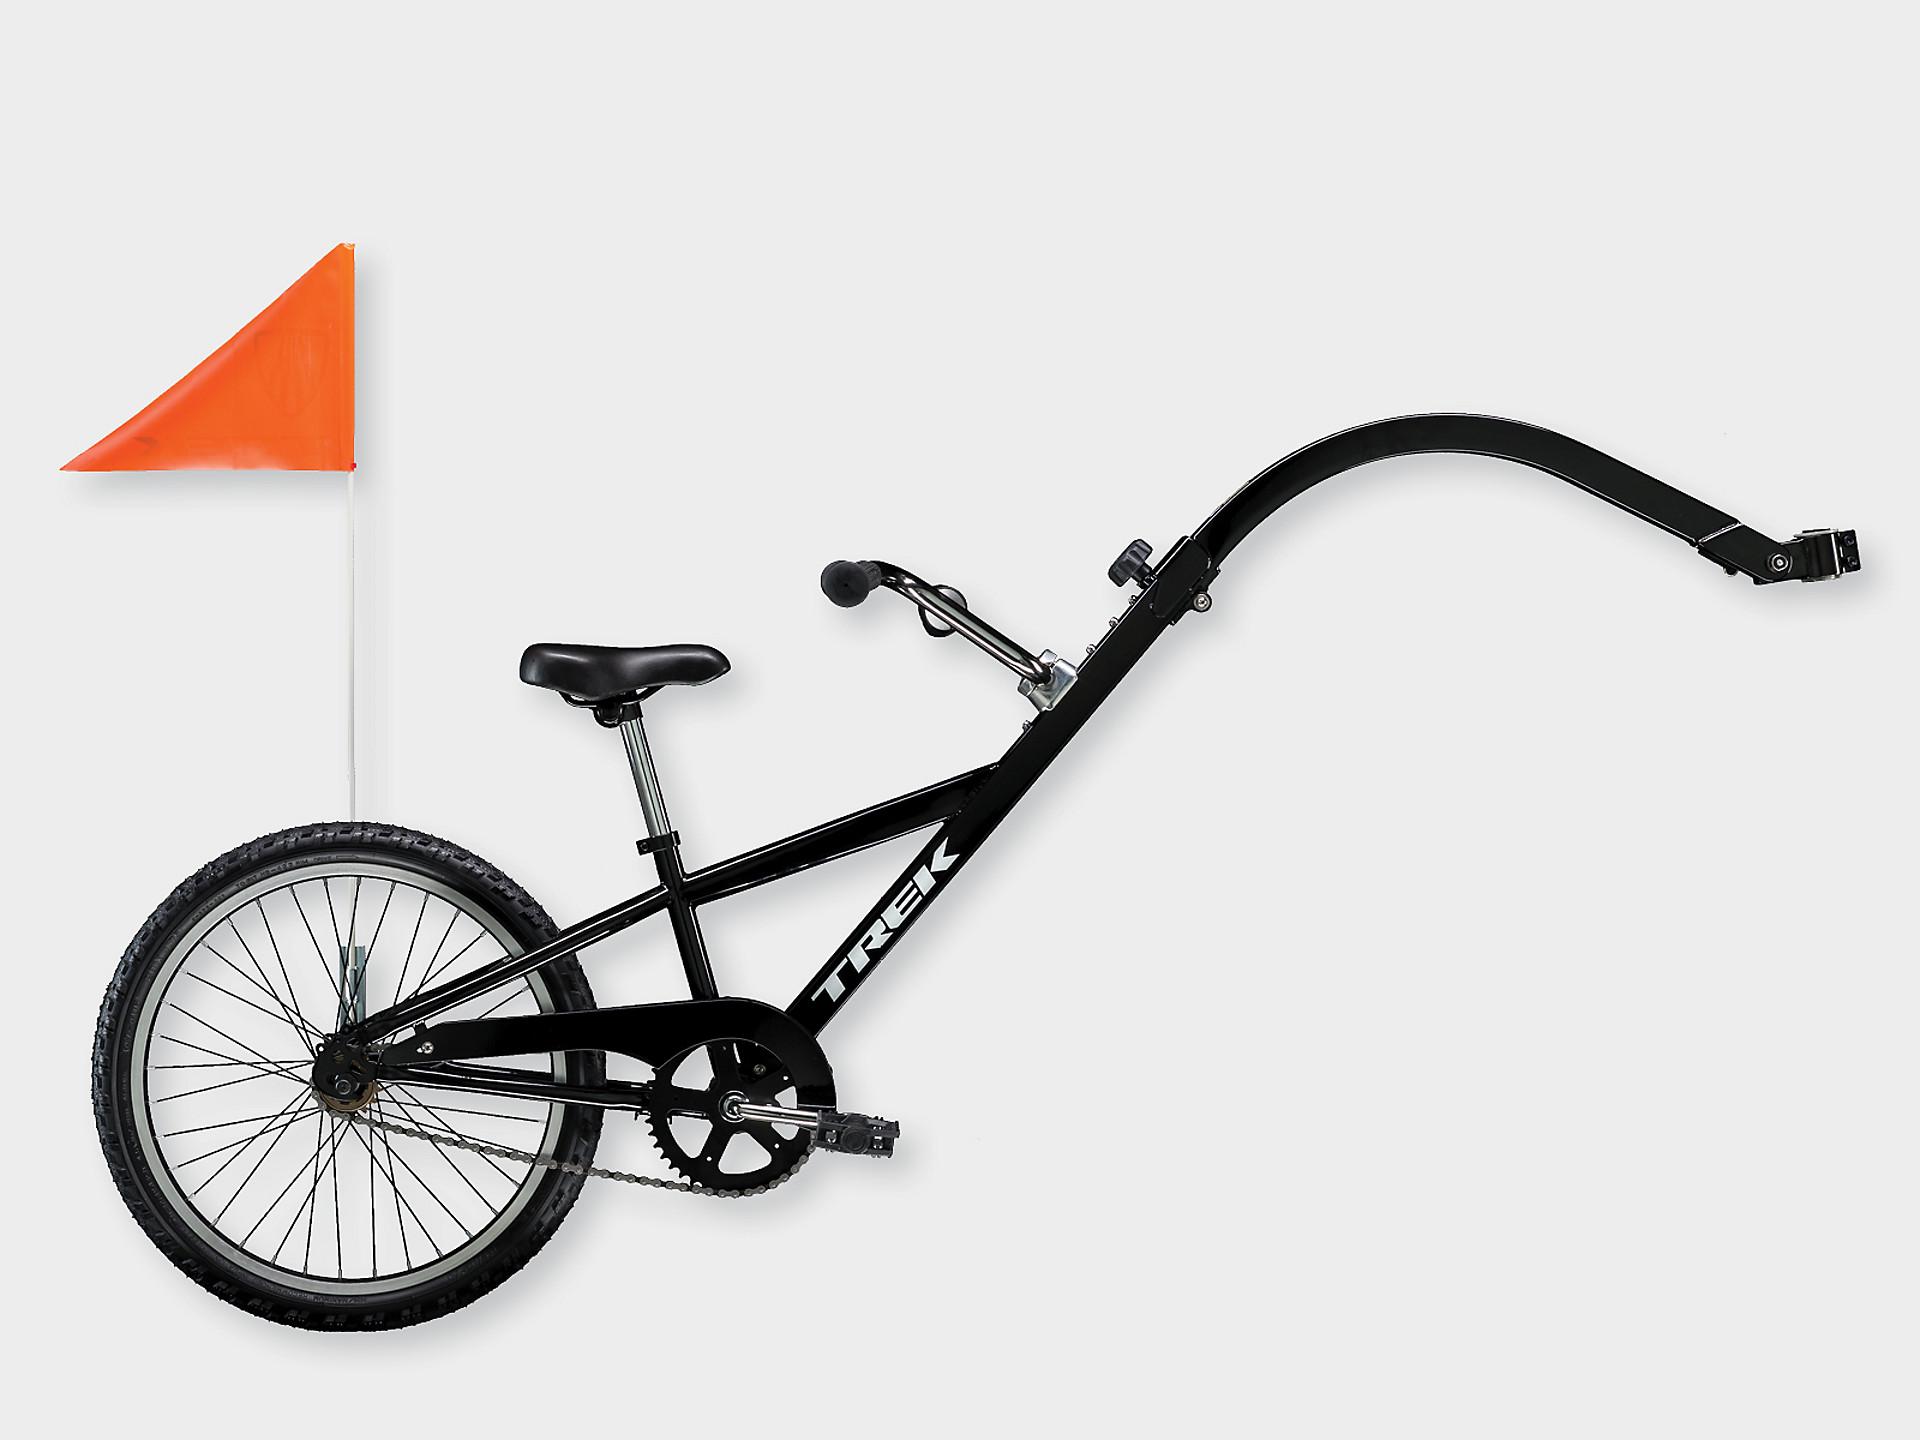 Lenkerfransen in Lenkergriffe & Lenkerbänder fürs Fahrrad